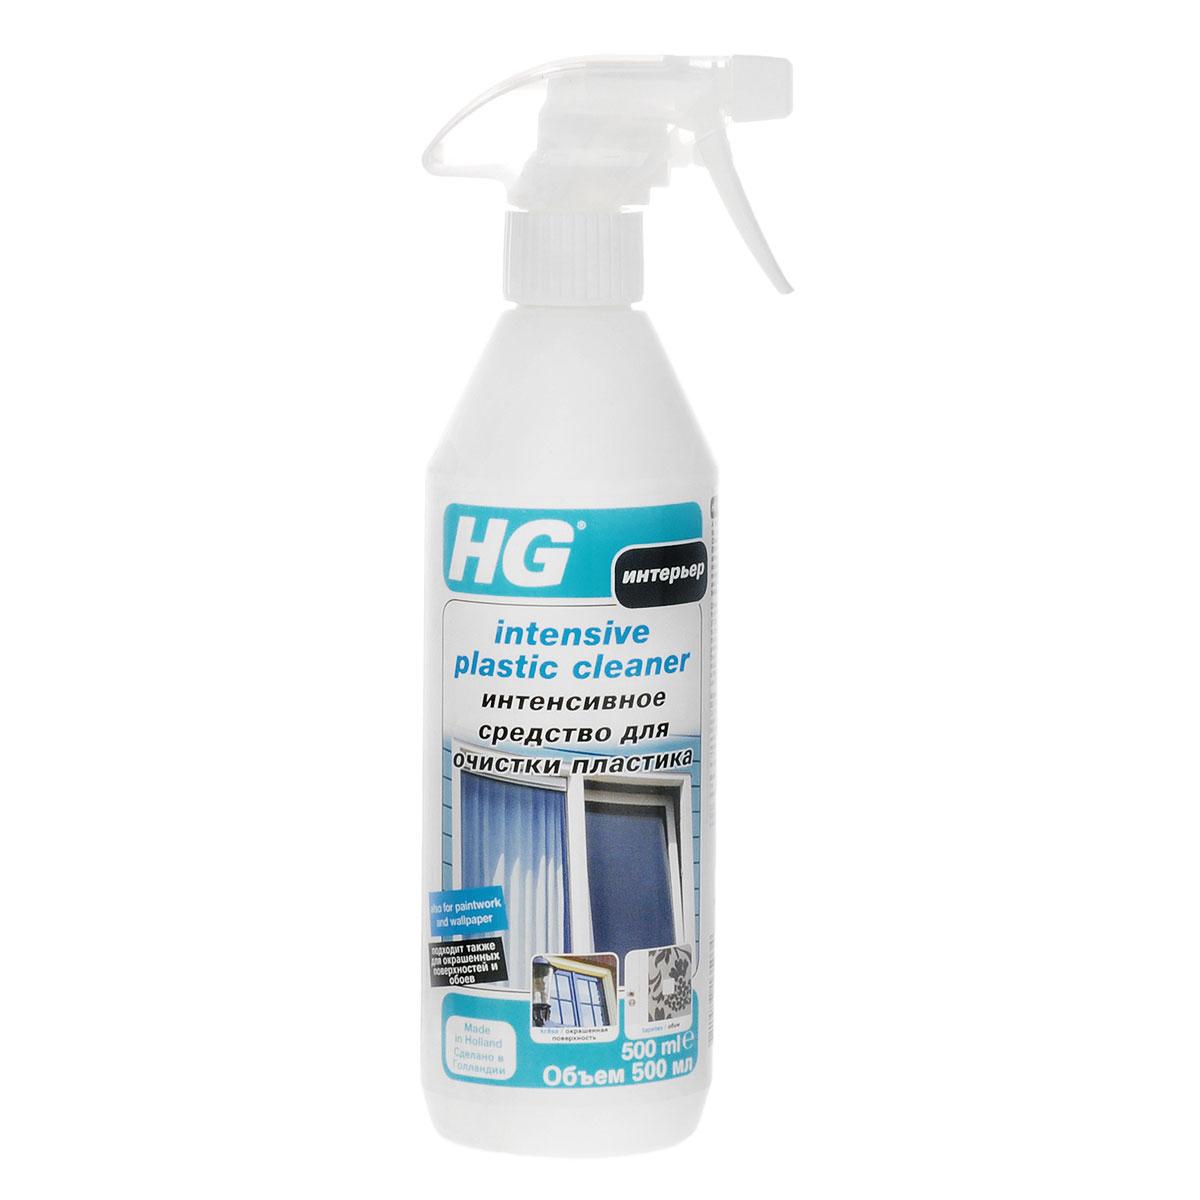 Средство HG для очистки пластика, обоев и окрашенных стен, 500 мл68/5/3Интенсивное чистящее средство HG для удаления следов атмосферных осадков, никотиновых пятен, пыли и других въевшихся загрязнений не вызывает обесцвечивания поверхности. Идеально подходит для очистки поверхностей из пластмассы и пластика (подоконник, оконные рамы, МДФ, ламинированный пластик), моющихся обоев, плакирования, жалюзи.Применение: для пластмассовых поверхностей, моющихся обоев. Инструкции по применению: Поверните насадку спрея в четверть оборота в положение STREAM/SPRAY, нанесите средство непосредственно на поверхность либо с помощью матерчатой салфетки и оставьте действовать несколько минут. Затем протрите поверхность бумажным полотенцем или матерчатой салфеткой. Для удаления въевшихся загрязнений оставьте средство действовать на 10 минут. По окончании очистки поверните насадку спрея в положение OFF.